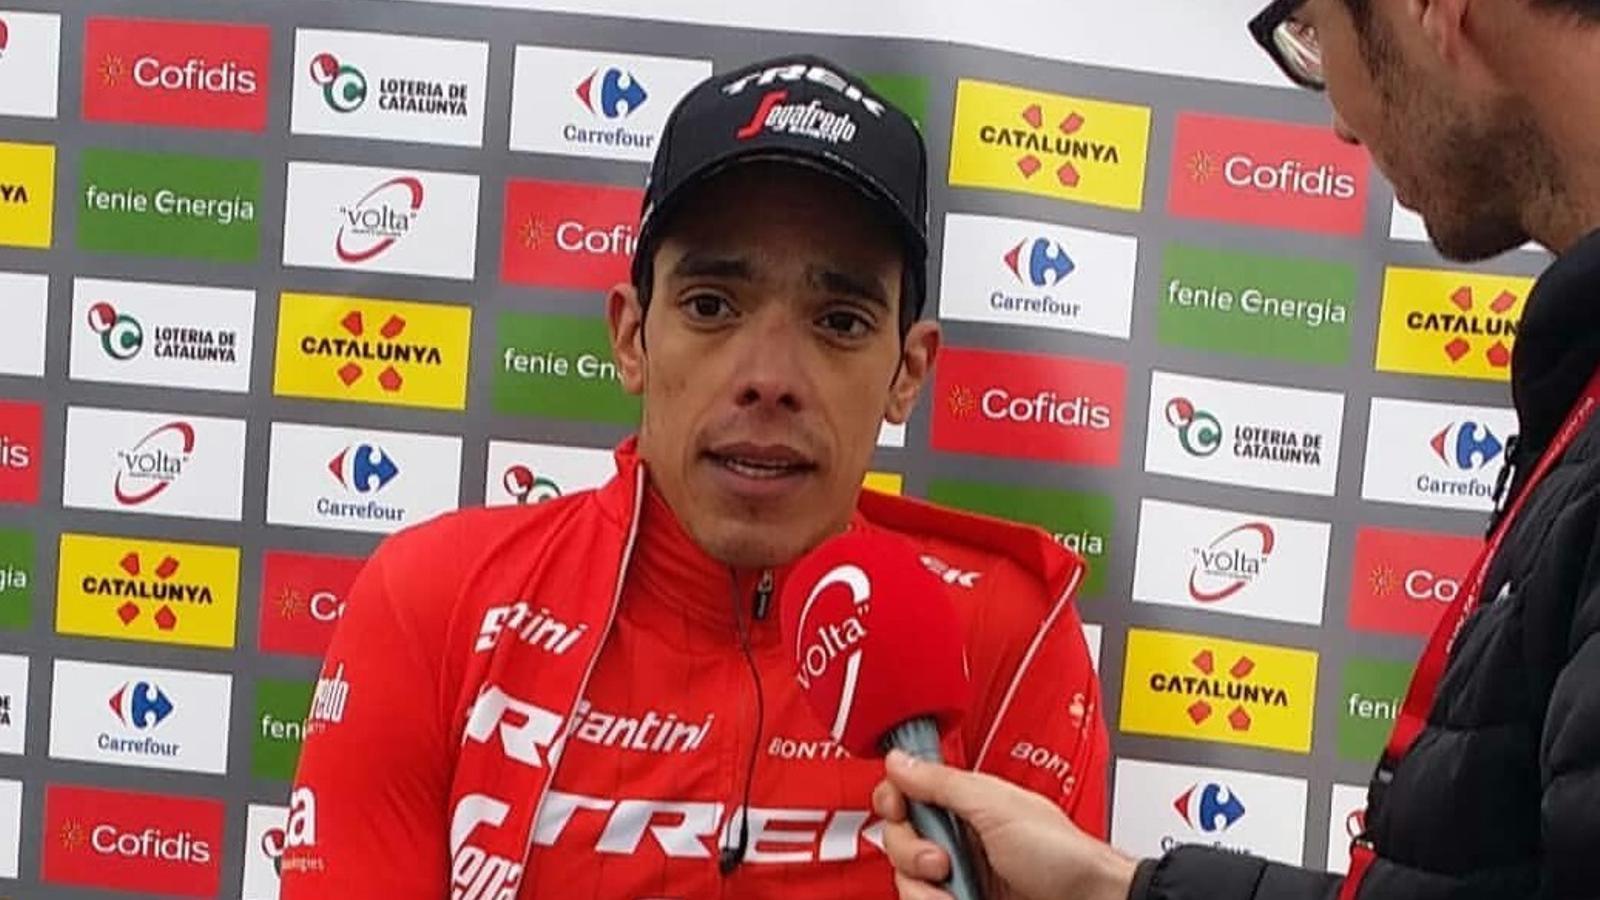 El colombià Jarlinson Pantano  guanya la 5a etapa de la  Volta